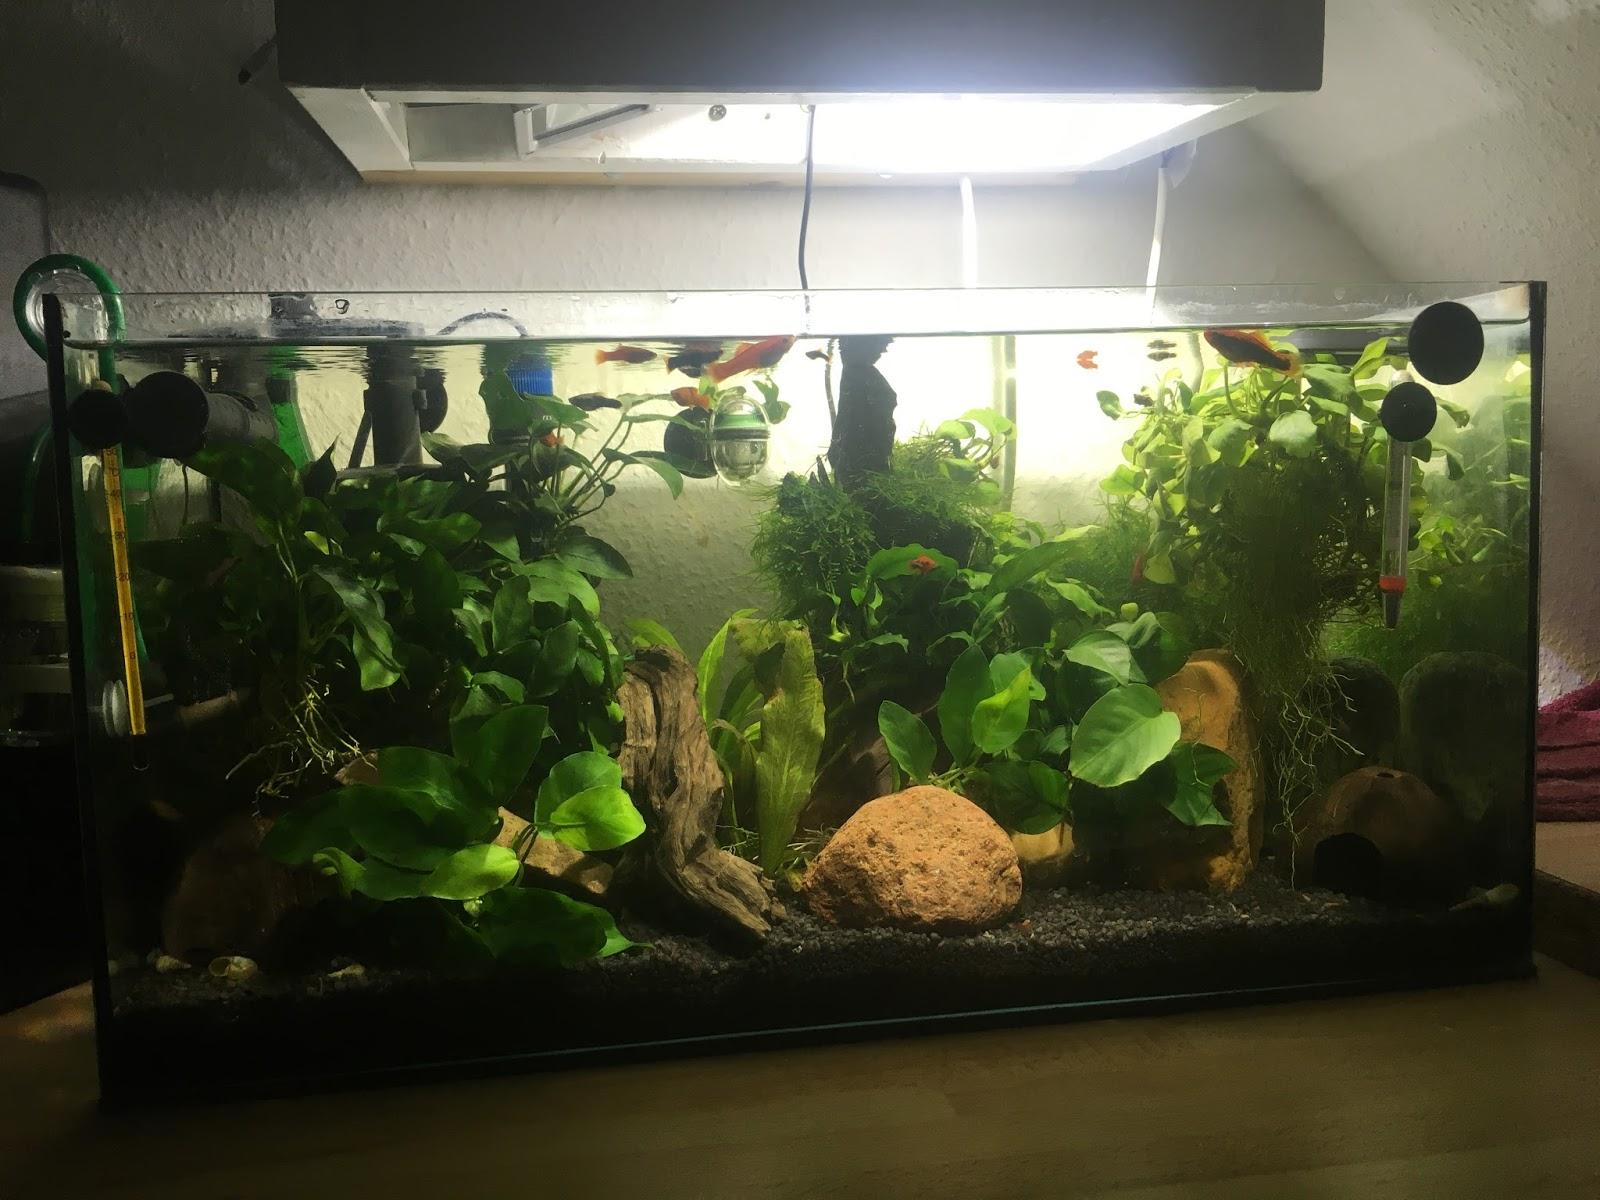 Meine aquarien mein 54 liter becken ohne algen abgebaut for Aquarium abdeckung